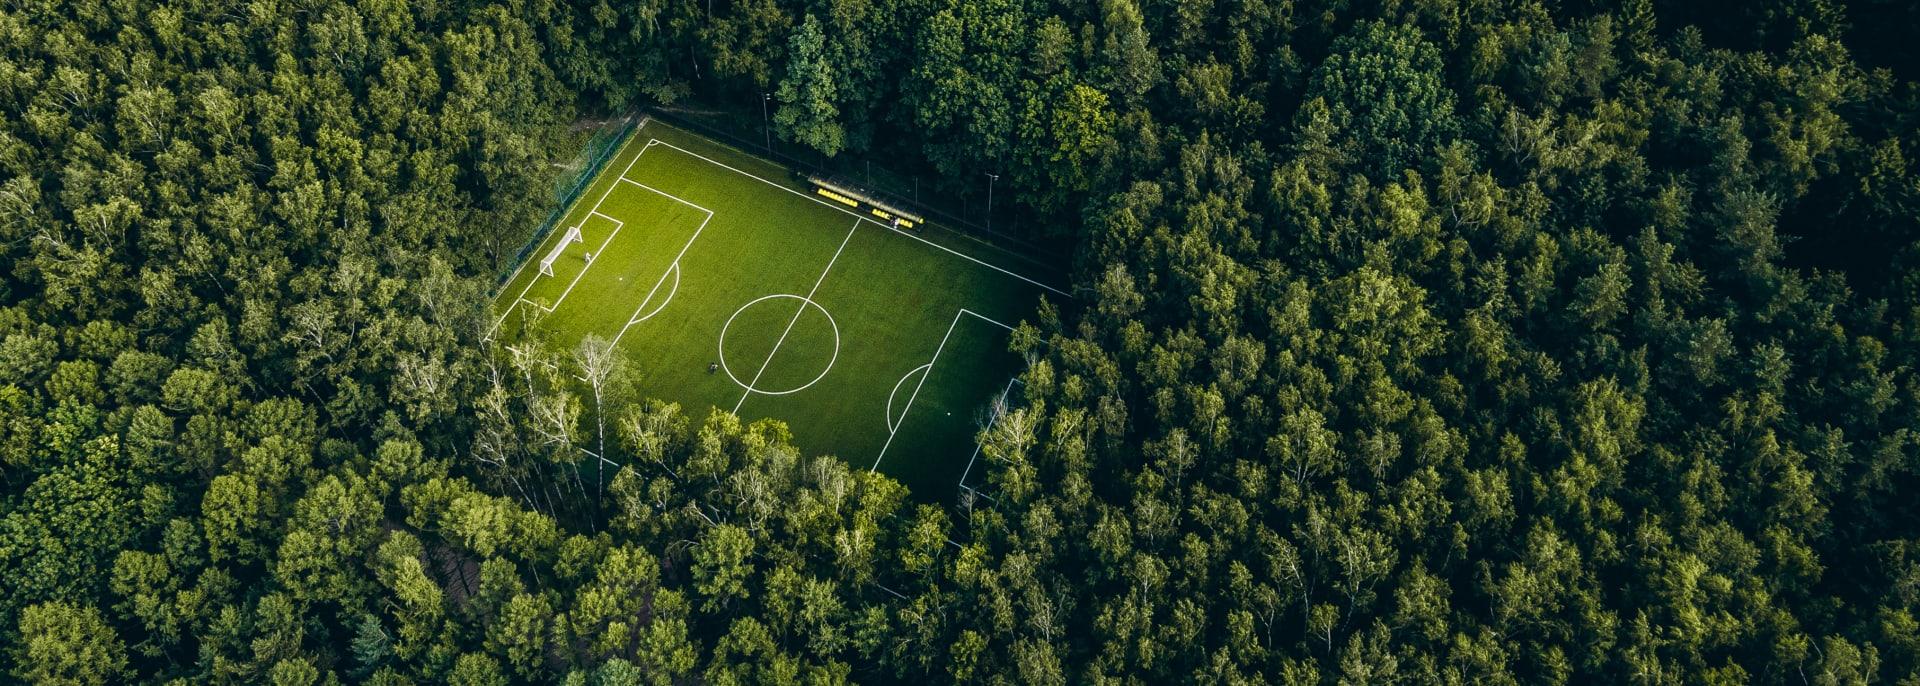 Deutschland, Fussball-Camp, Fussball-Trainingslagerreisen, Knecht Reisen